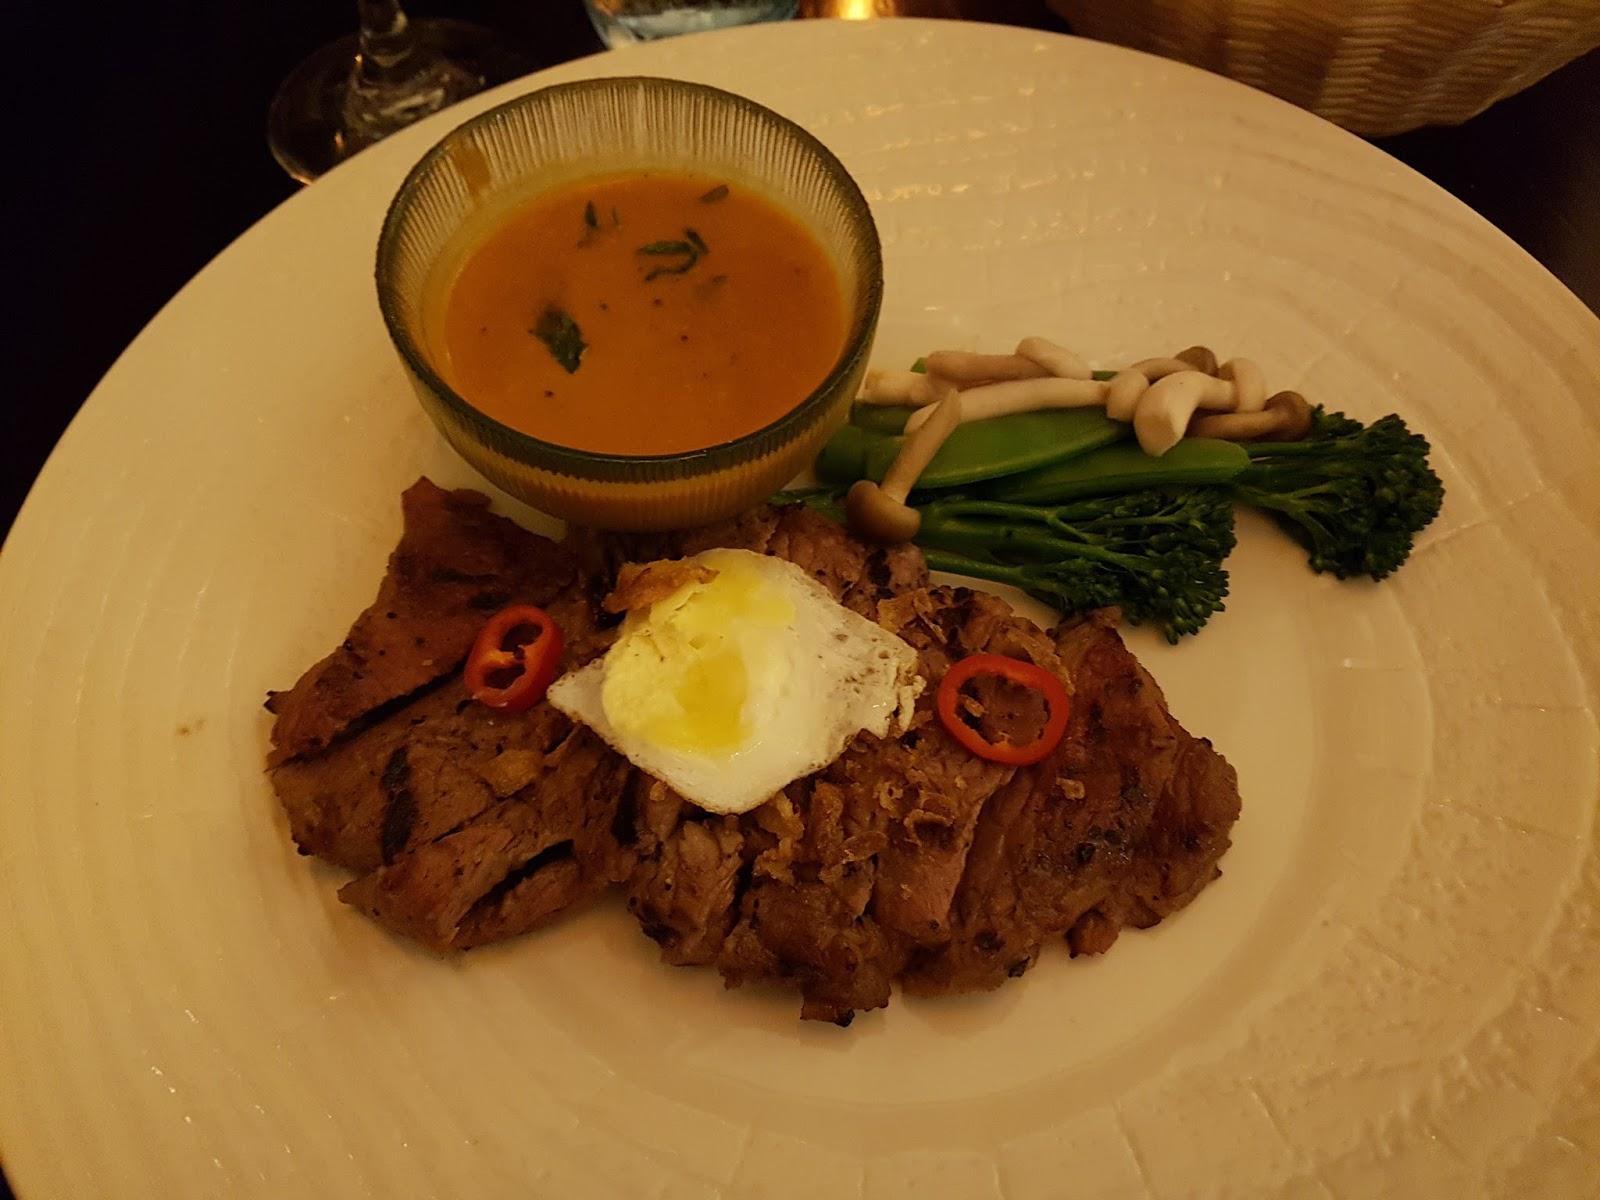 Chamber Aged Sirloin Steak - Nua Sirloin Yang Cook your own seared 8oz sirloin stead on a Himalayan rock salt block!